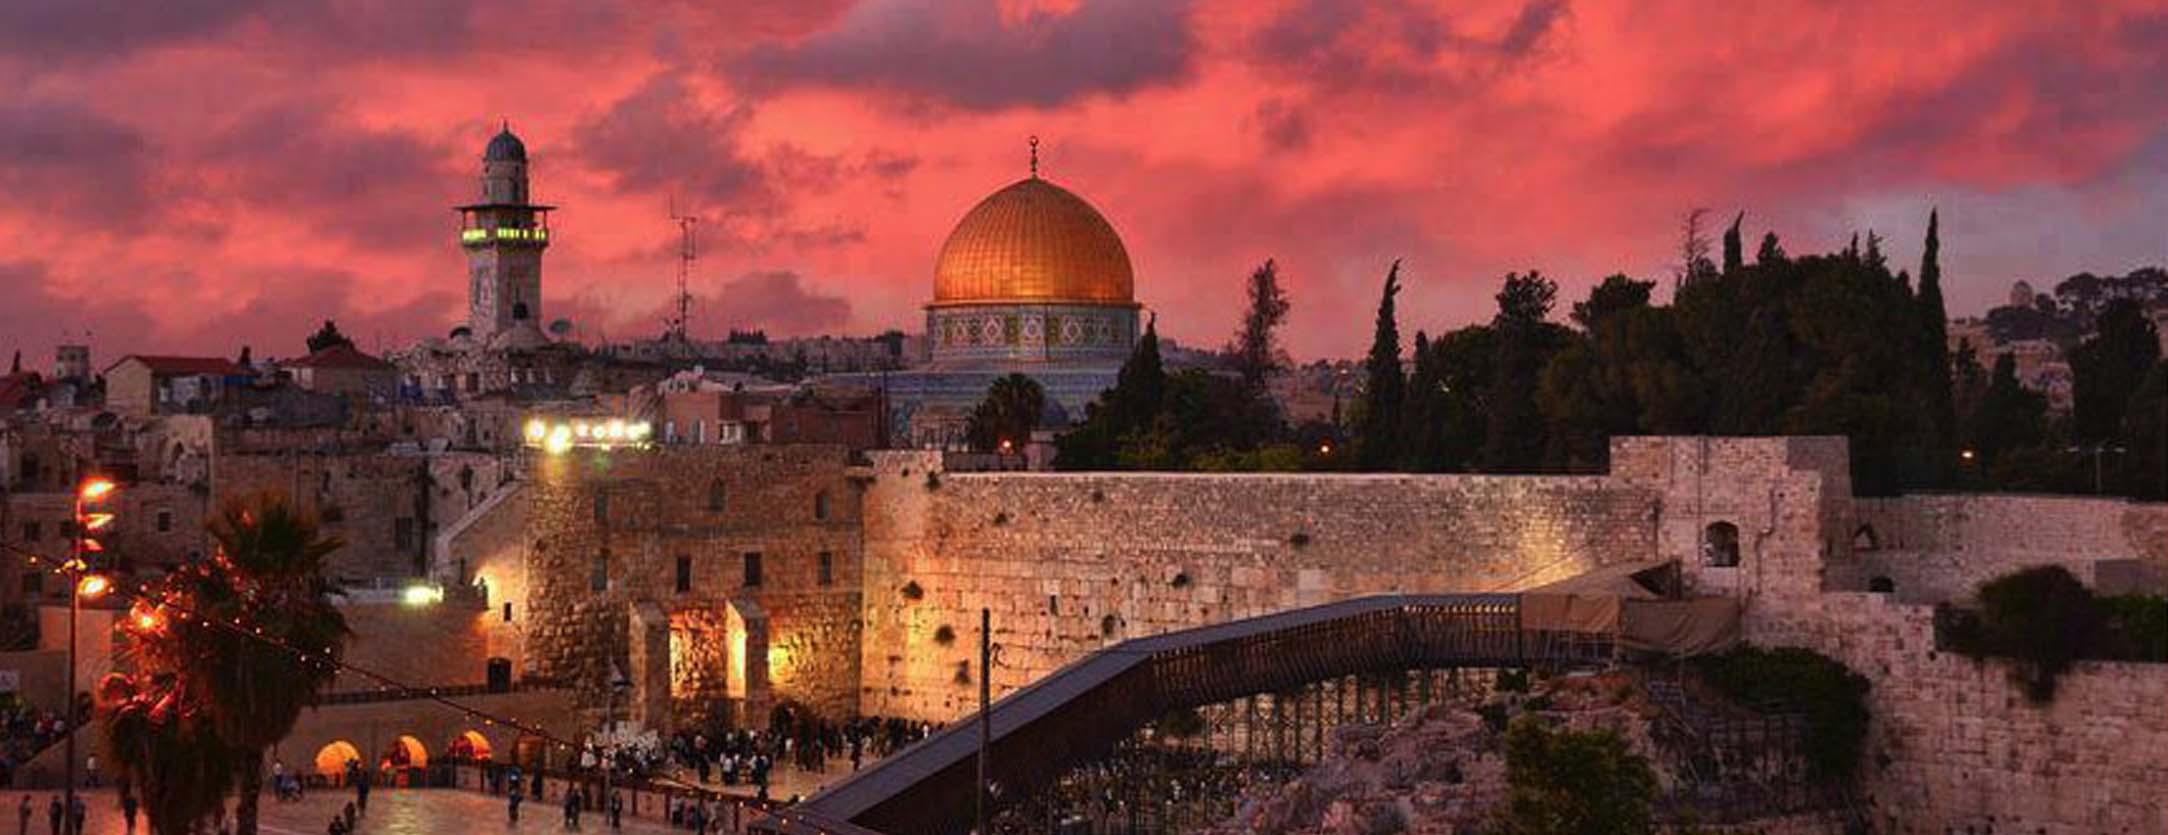 Afbeeldingsresultaat voor israel panorama